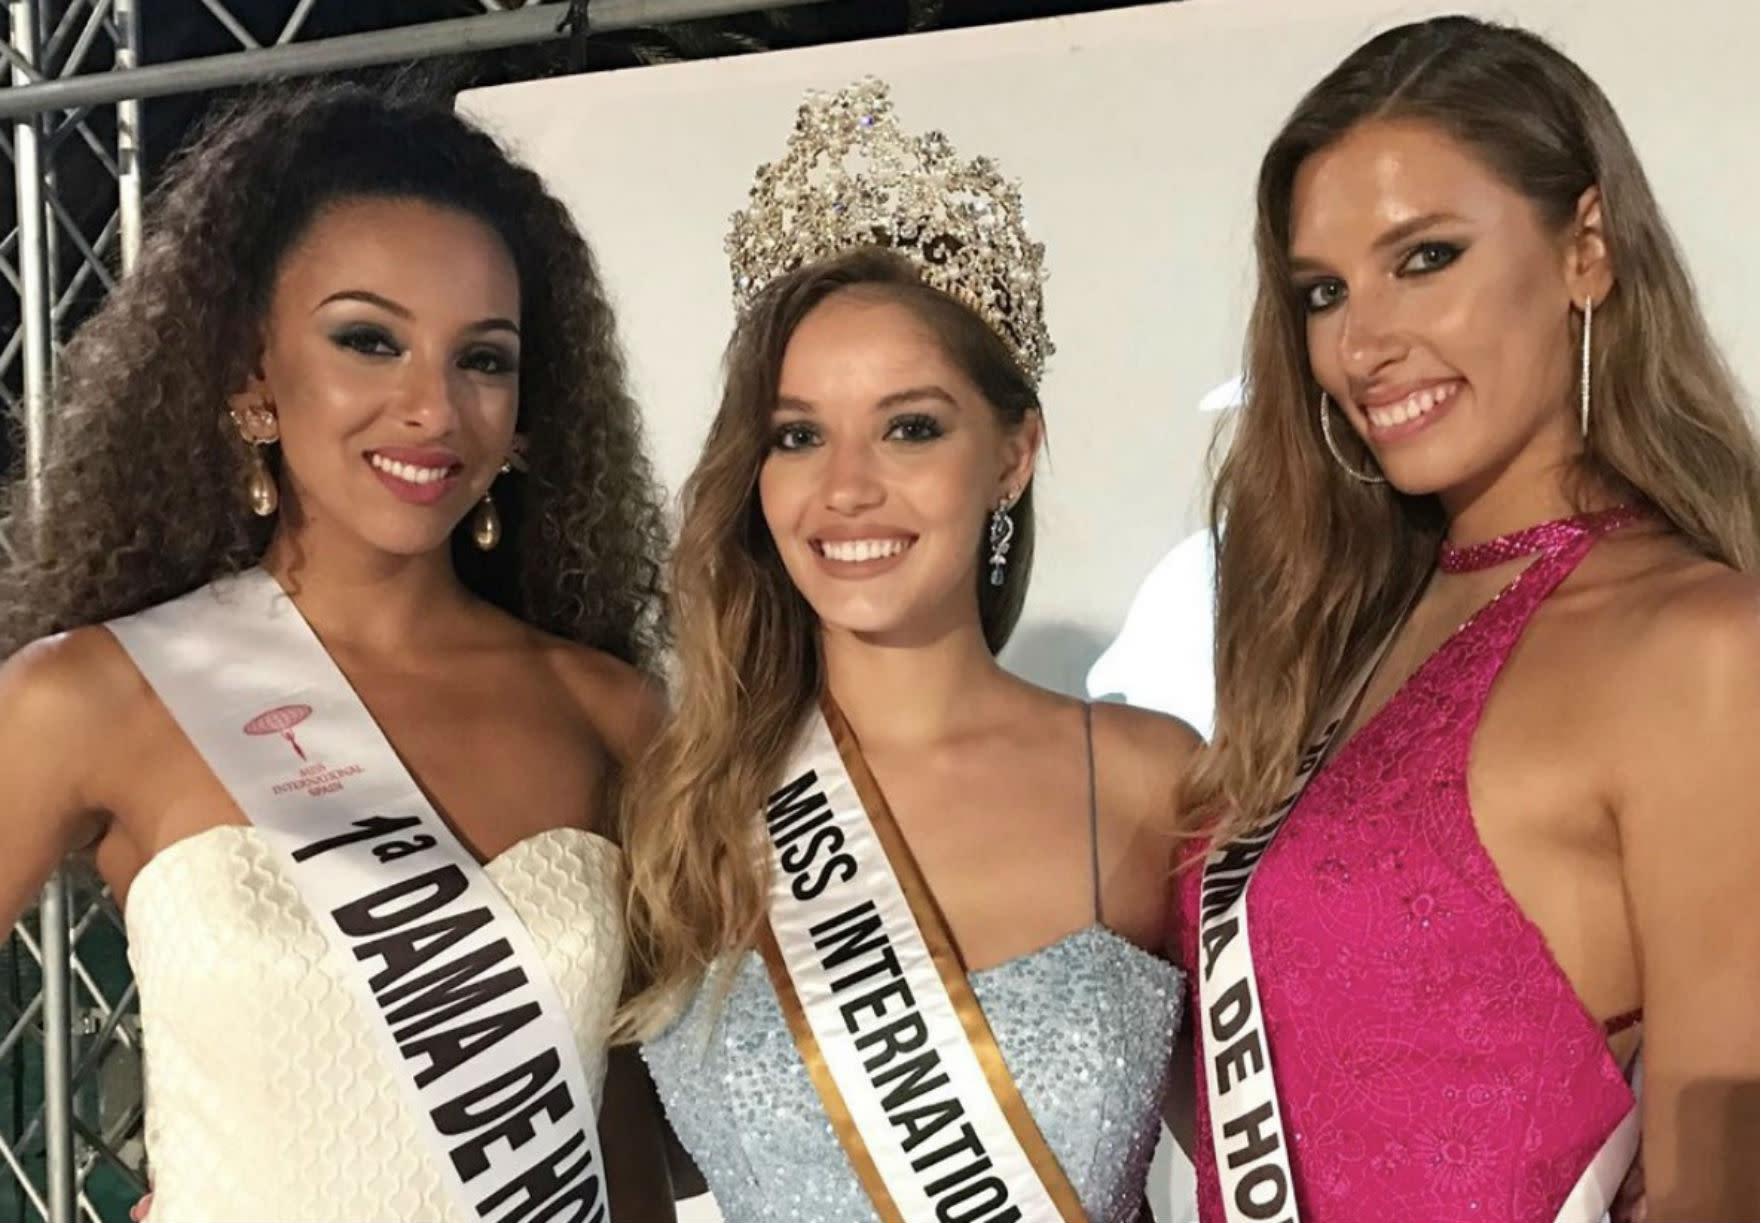 Actriz Pipi Calzaslargas Actriz Porno así es claudia cruz, la nueva miss internacional españa 2019